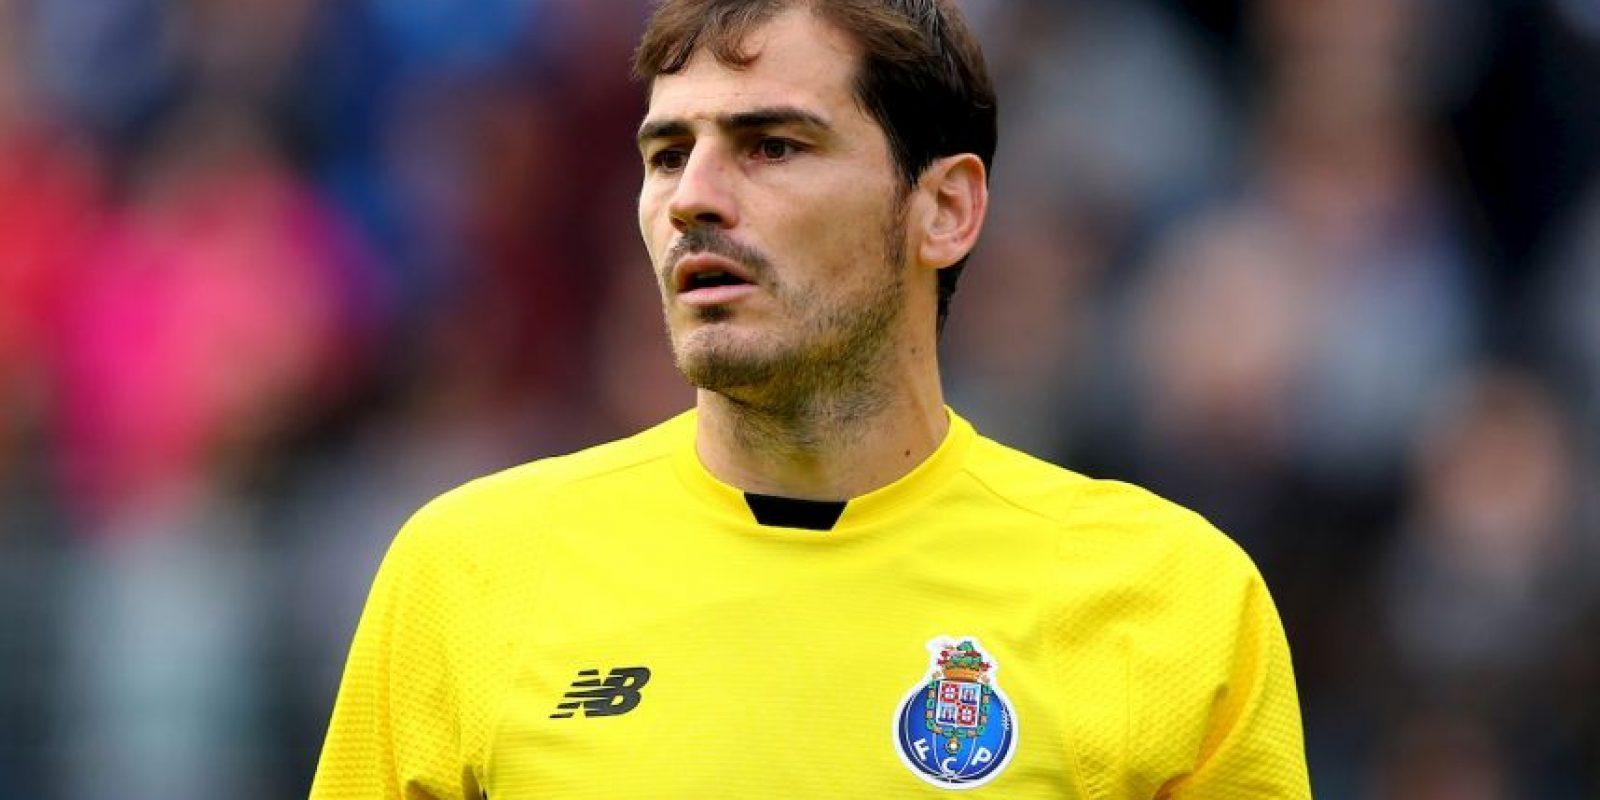 El ídolo del Real Madrid fichó por el Porto de la Primeira Liga portuguesa. Foto:Getty Images